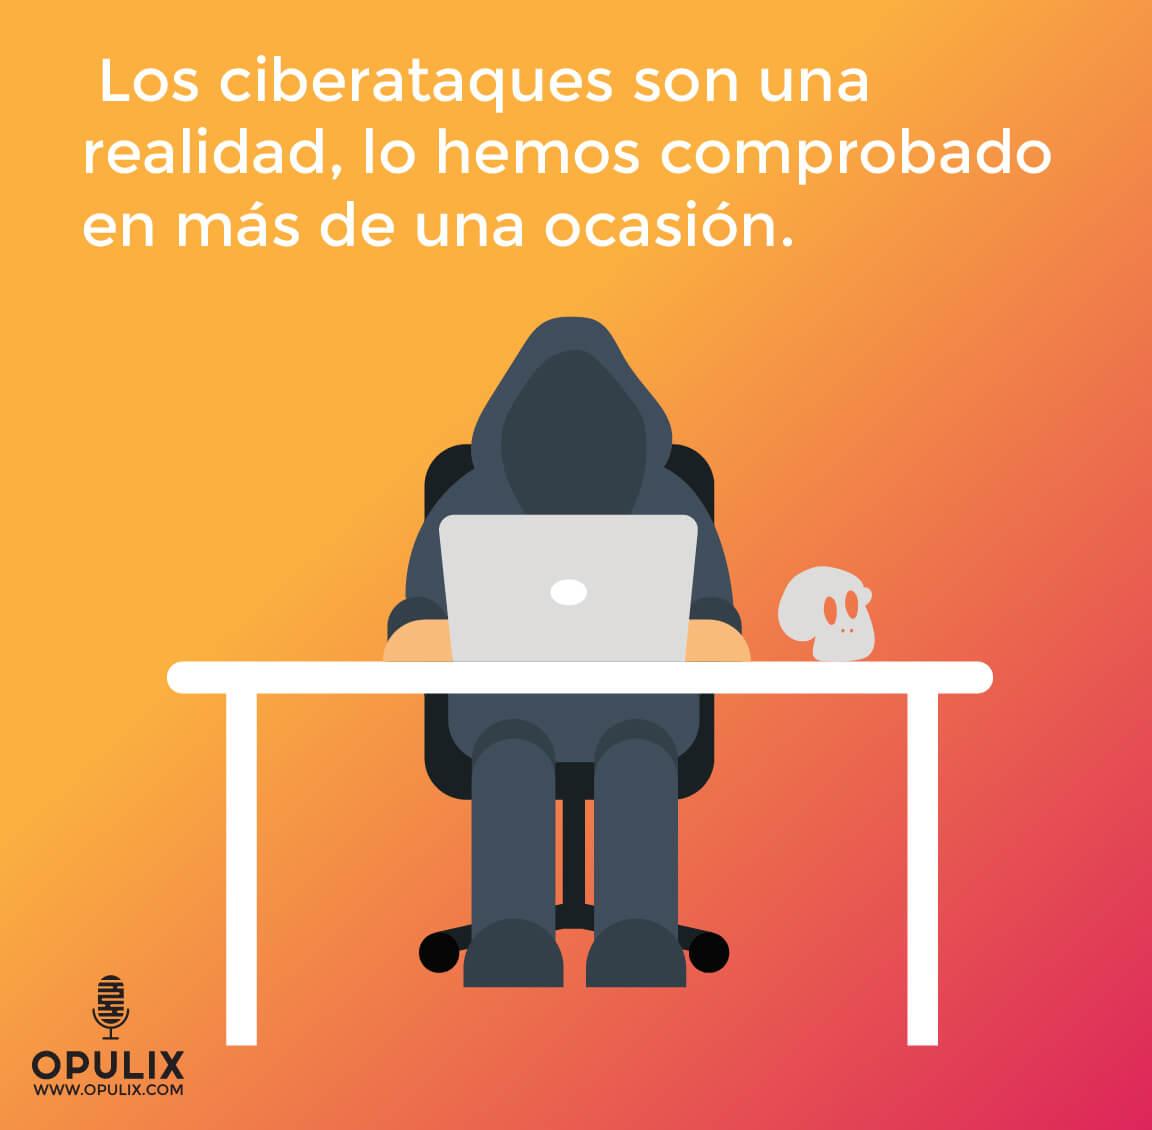 ¡Auxilio!, un día sin Internet